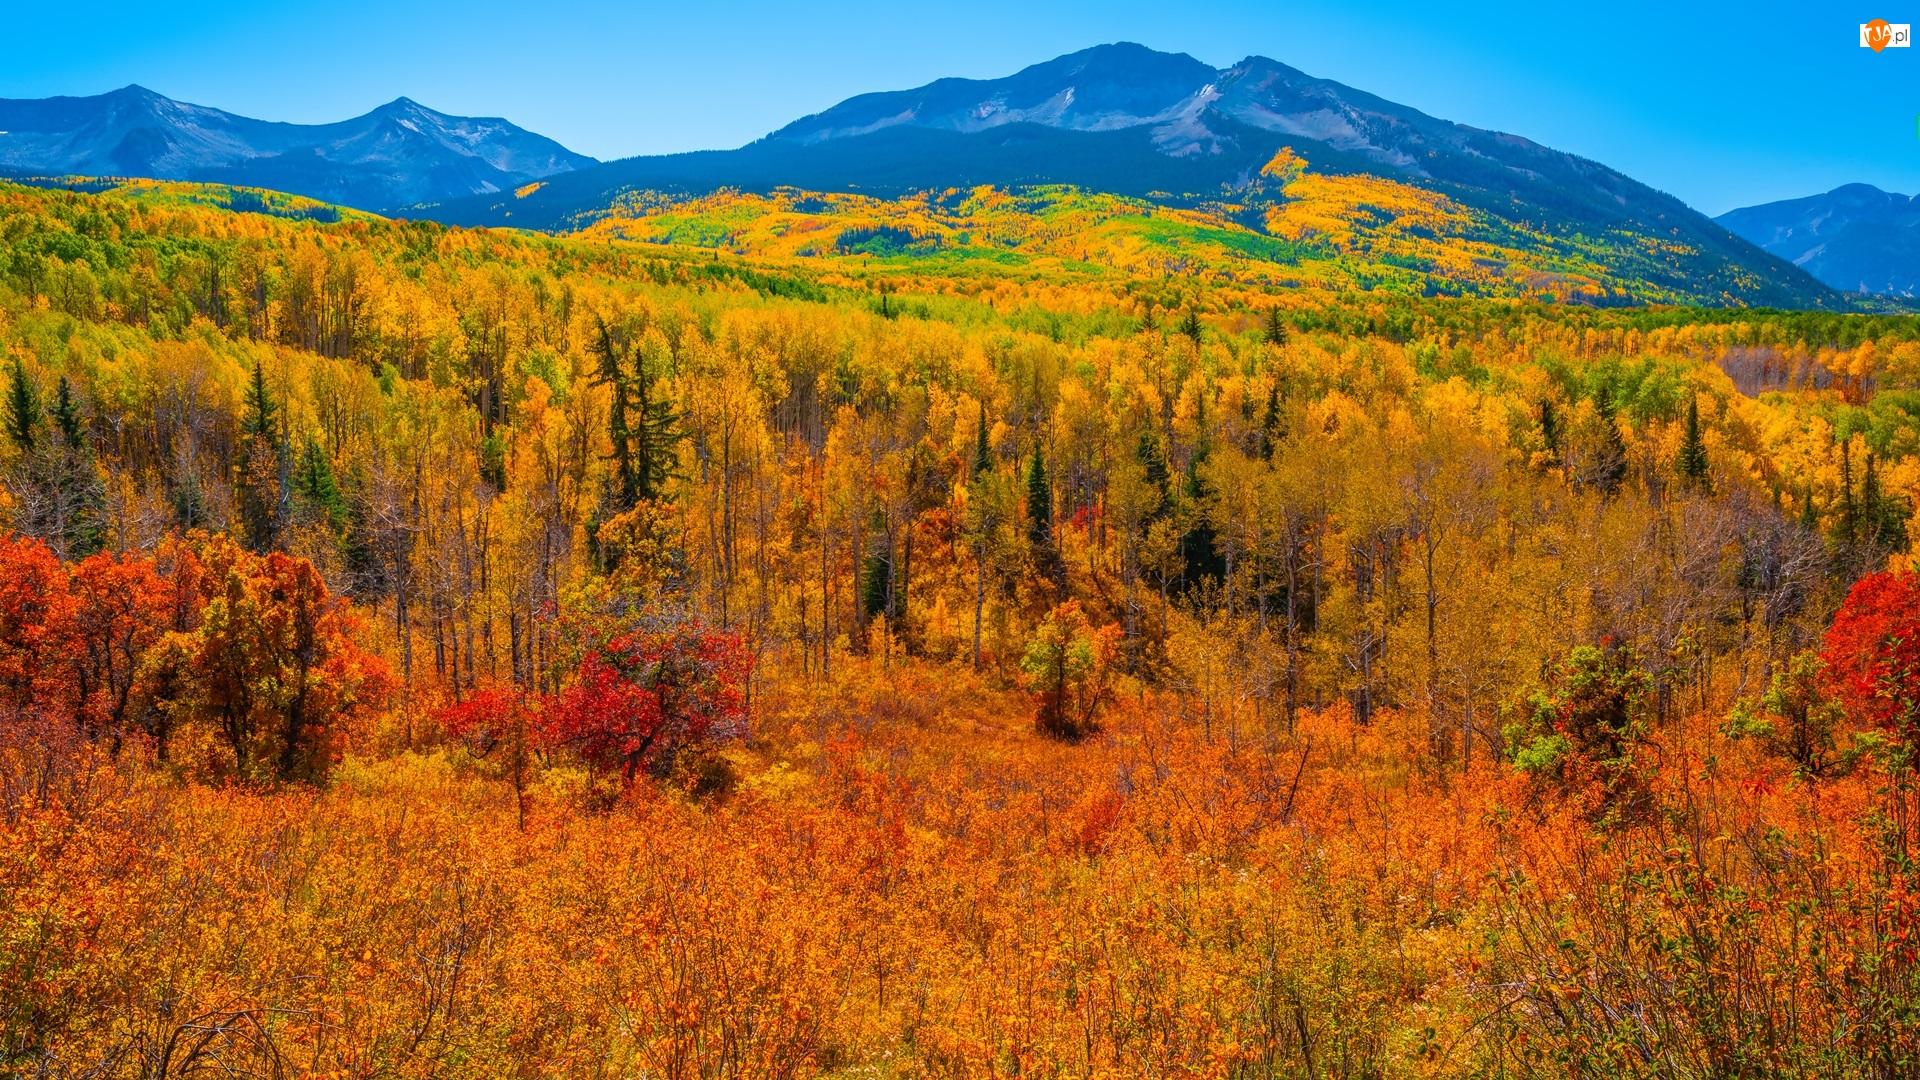 Jesień, Kolorado, Lasy, Drzewa, Roślinność, Przełęcz, Kebler Pass, Stany Zjednoczone, Góry